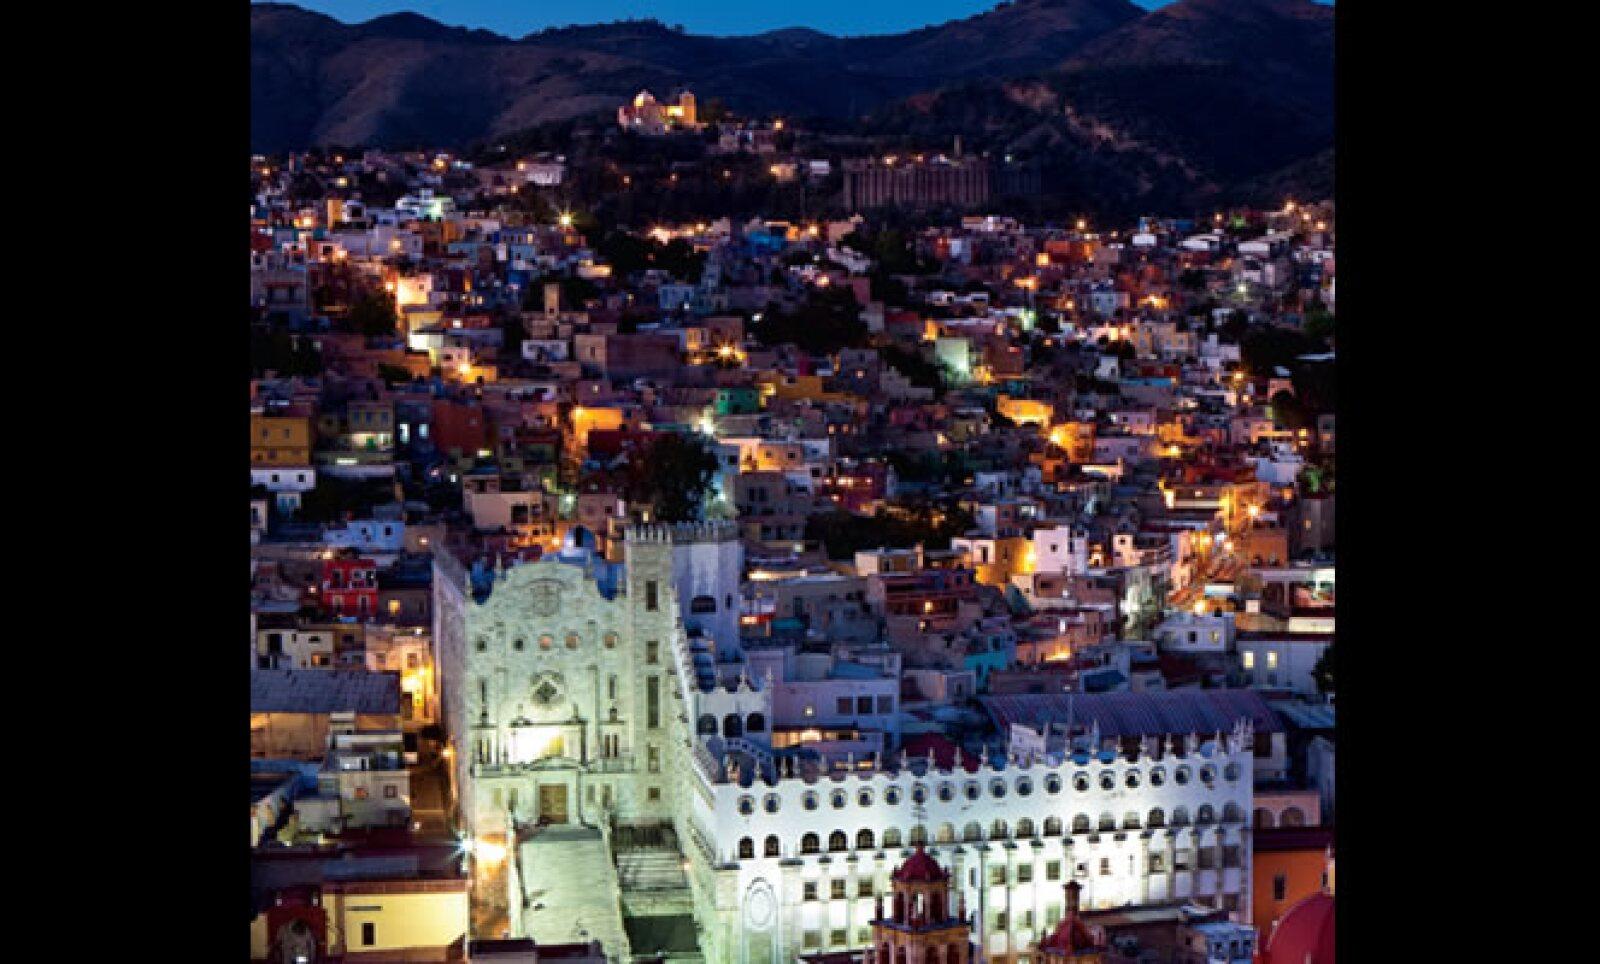 1.Vista de la ciudad de Guanajuato desde el mirador El Pípila.